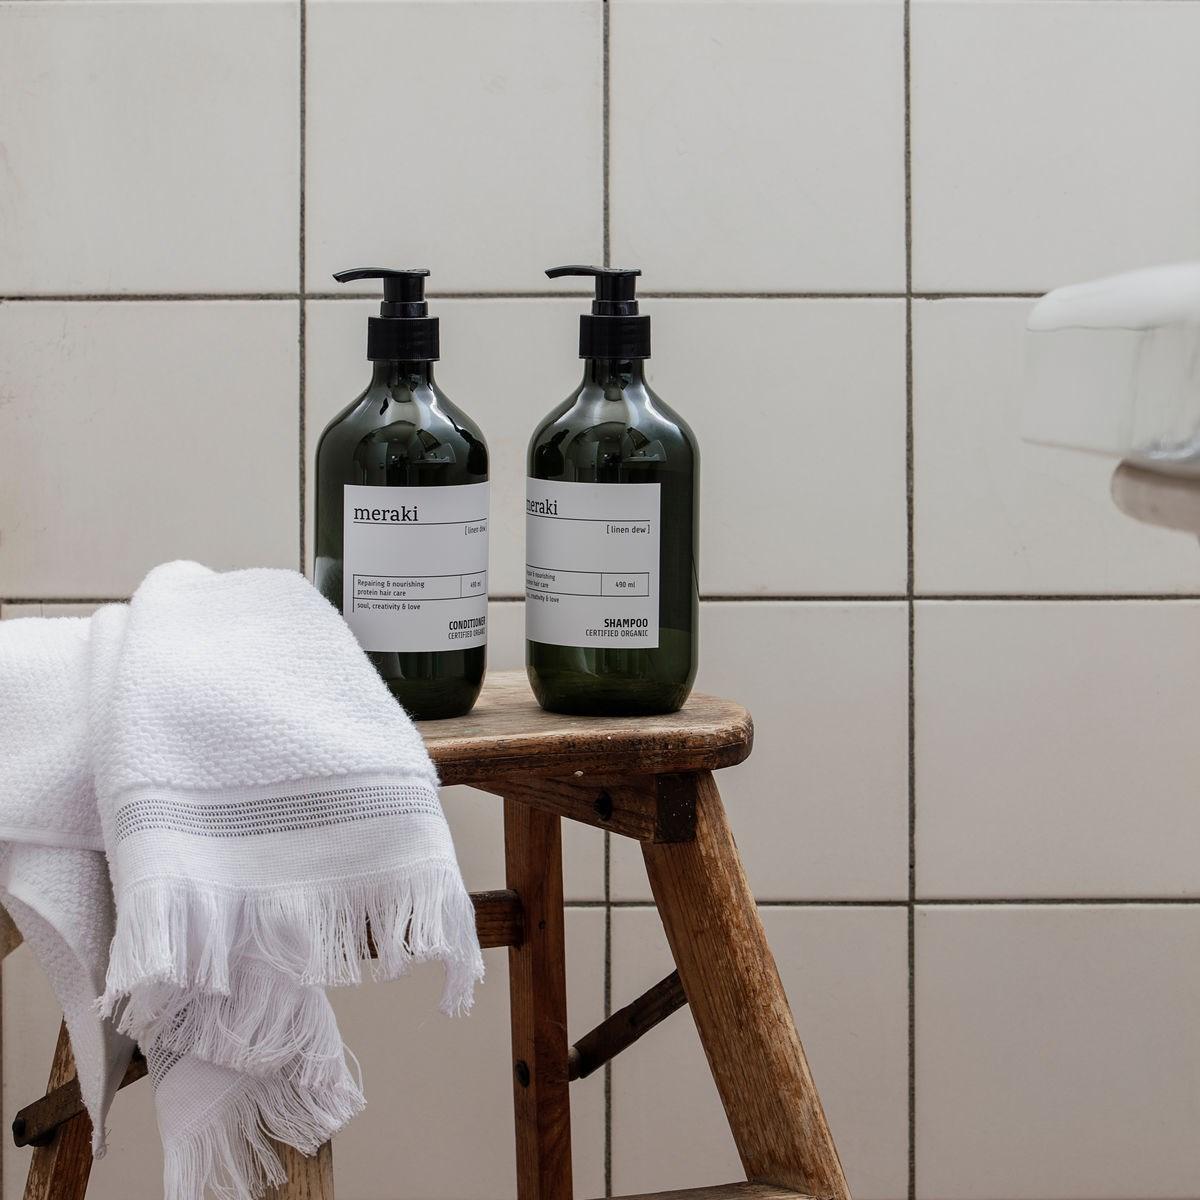 Šampon na vlasy pro poškozené vlasy LINEN DEW 490 ml_0